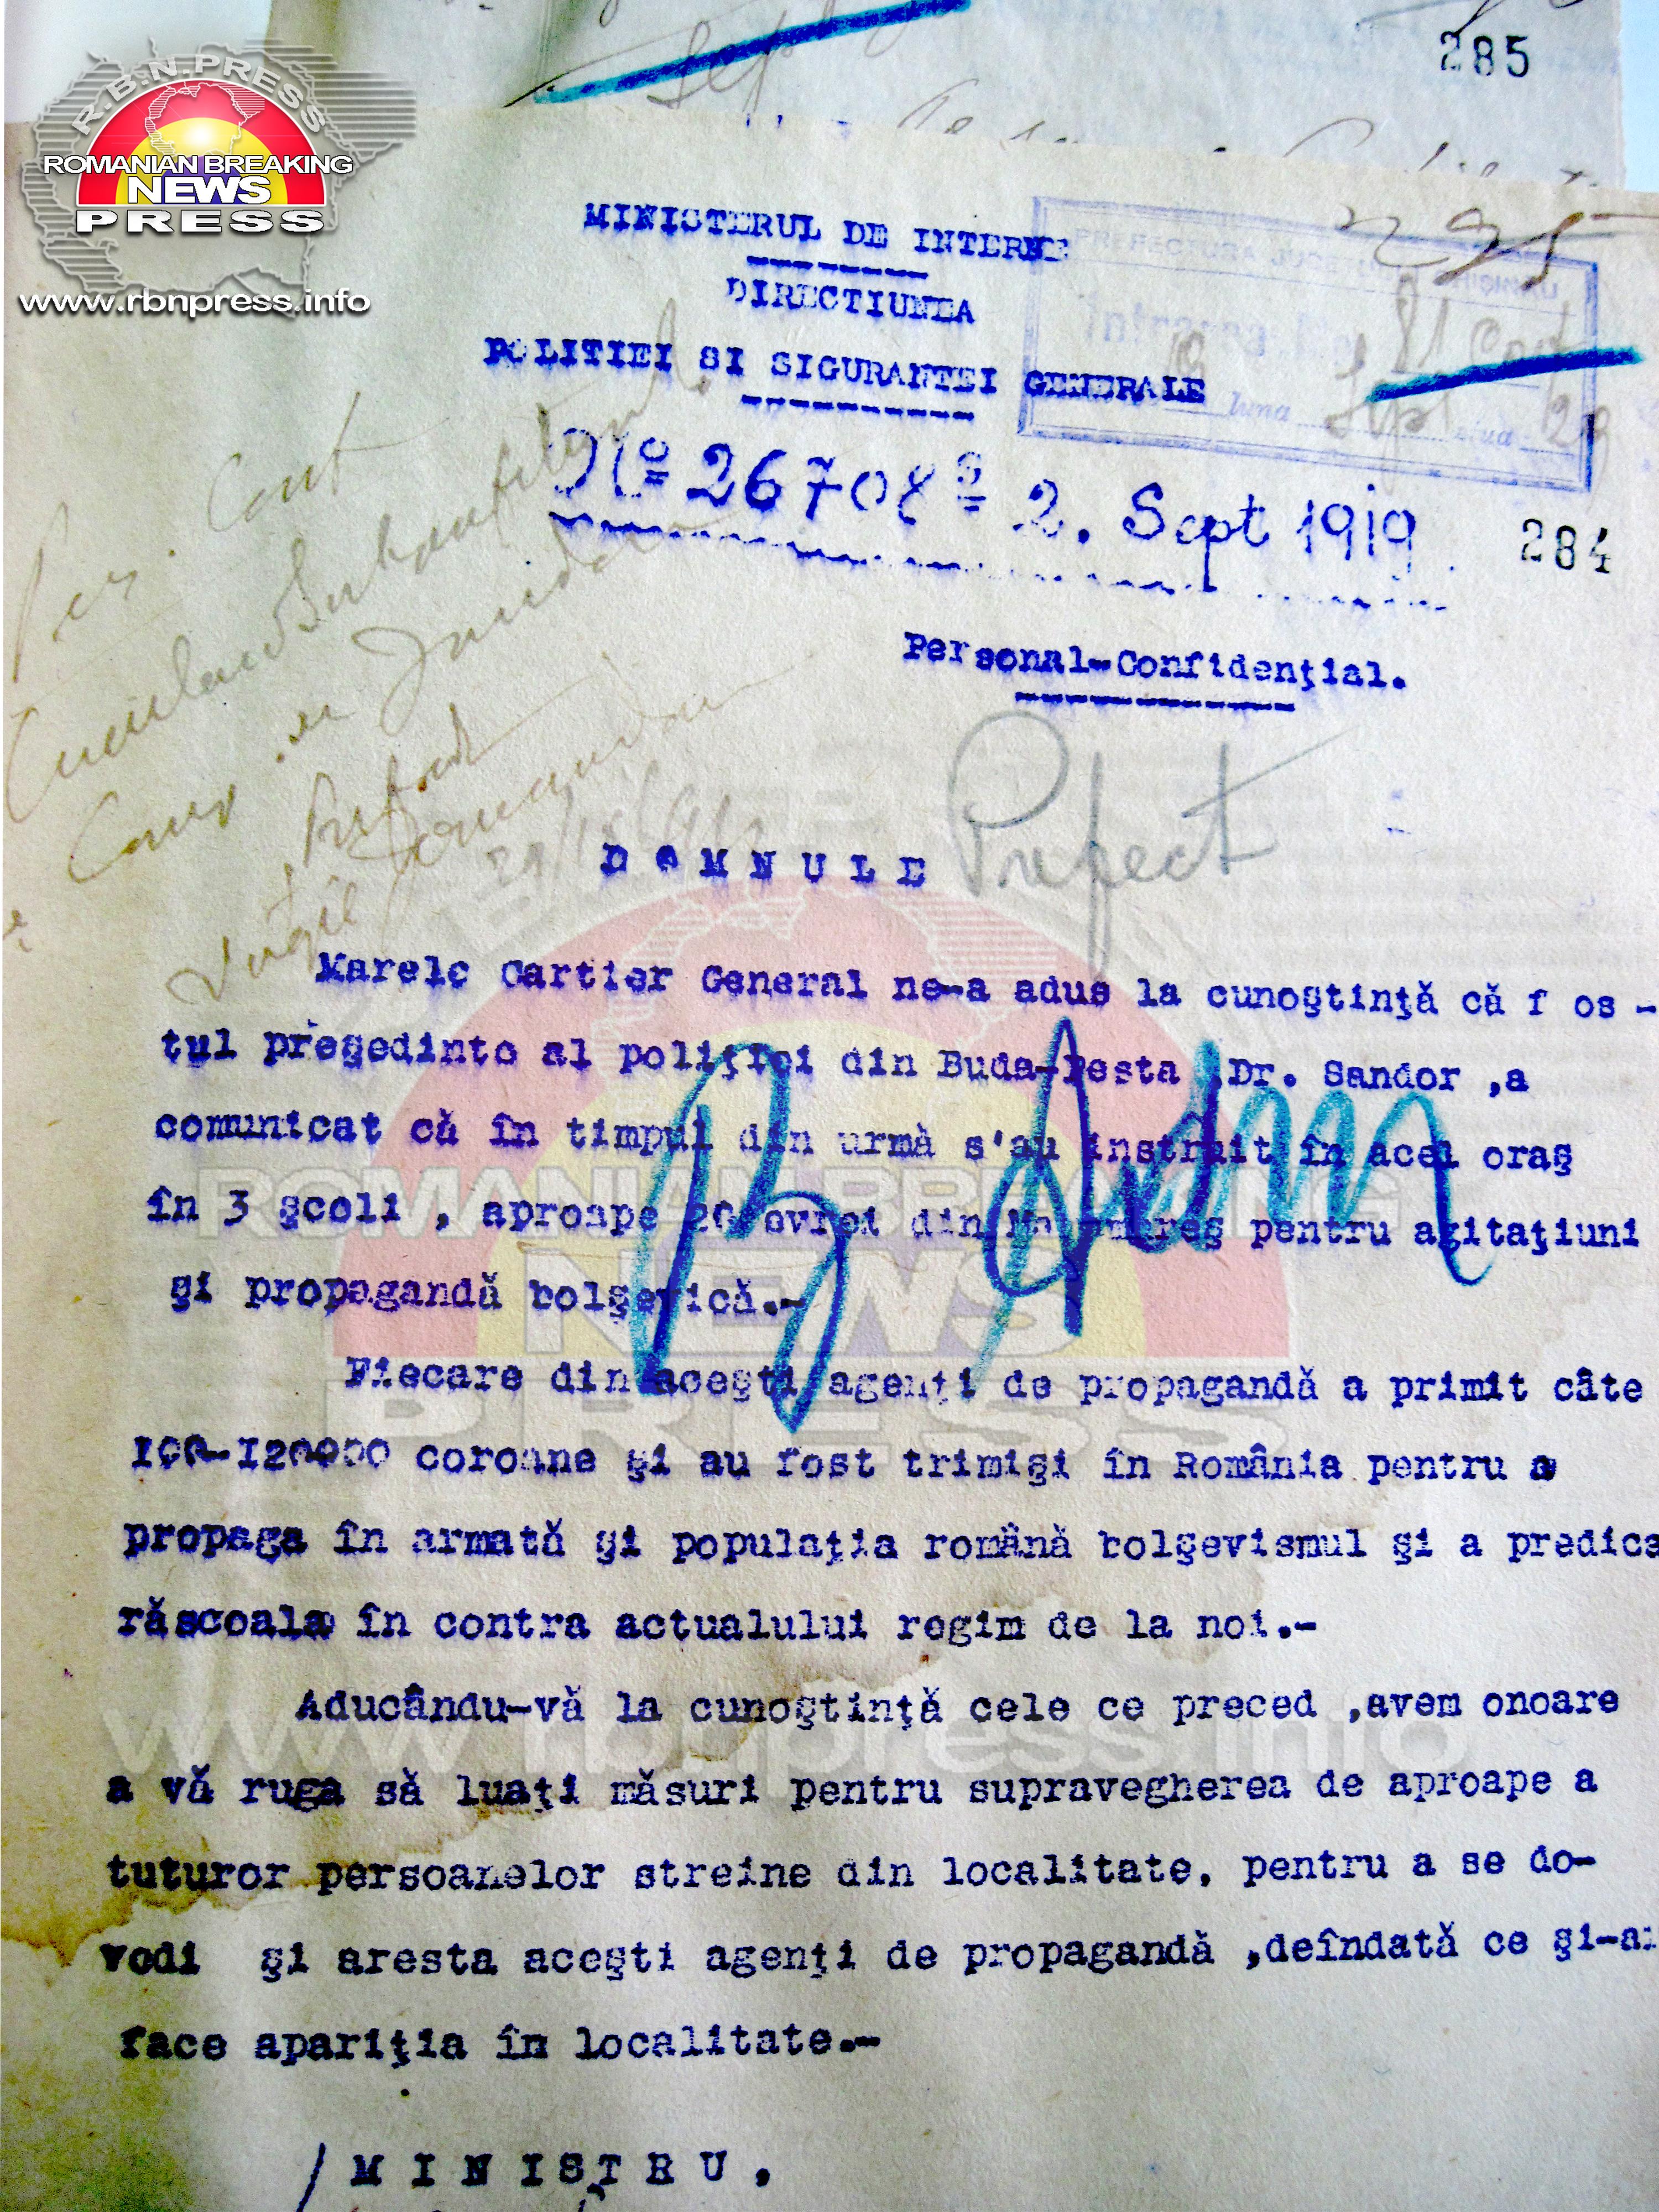 Arhiva R.Moldova - Nota - Ministerul de Interne Direcțiunea Poliției și Siguranței Generale, Către Prefectura Județului Chisinău